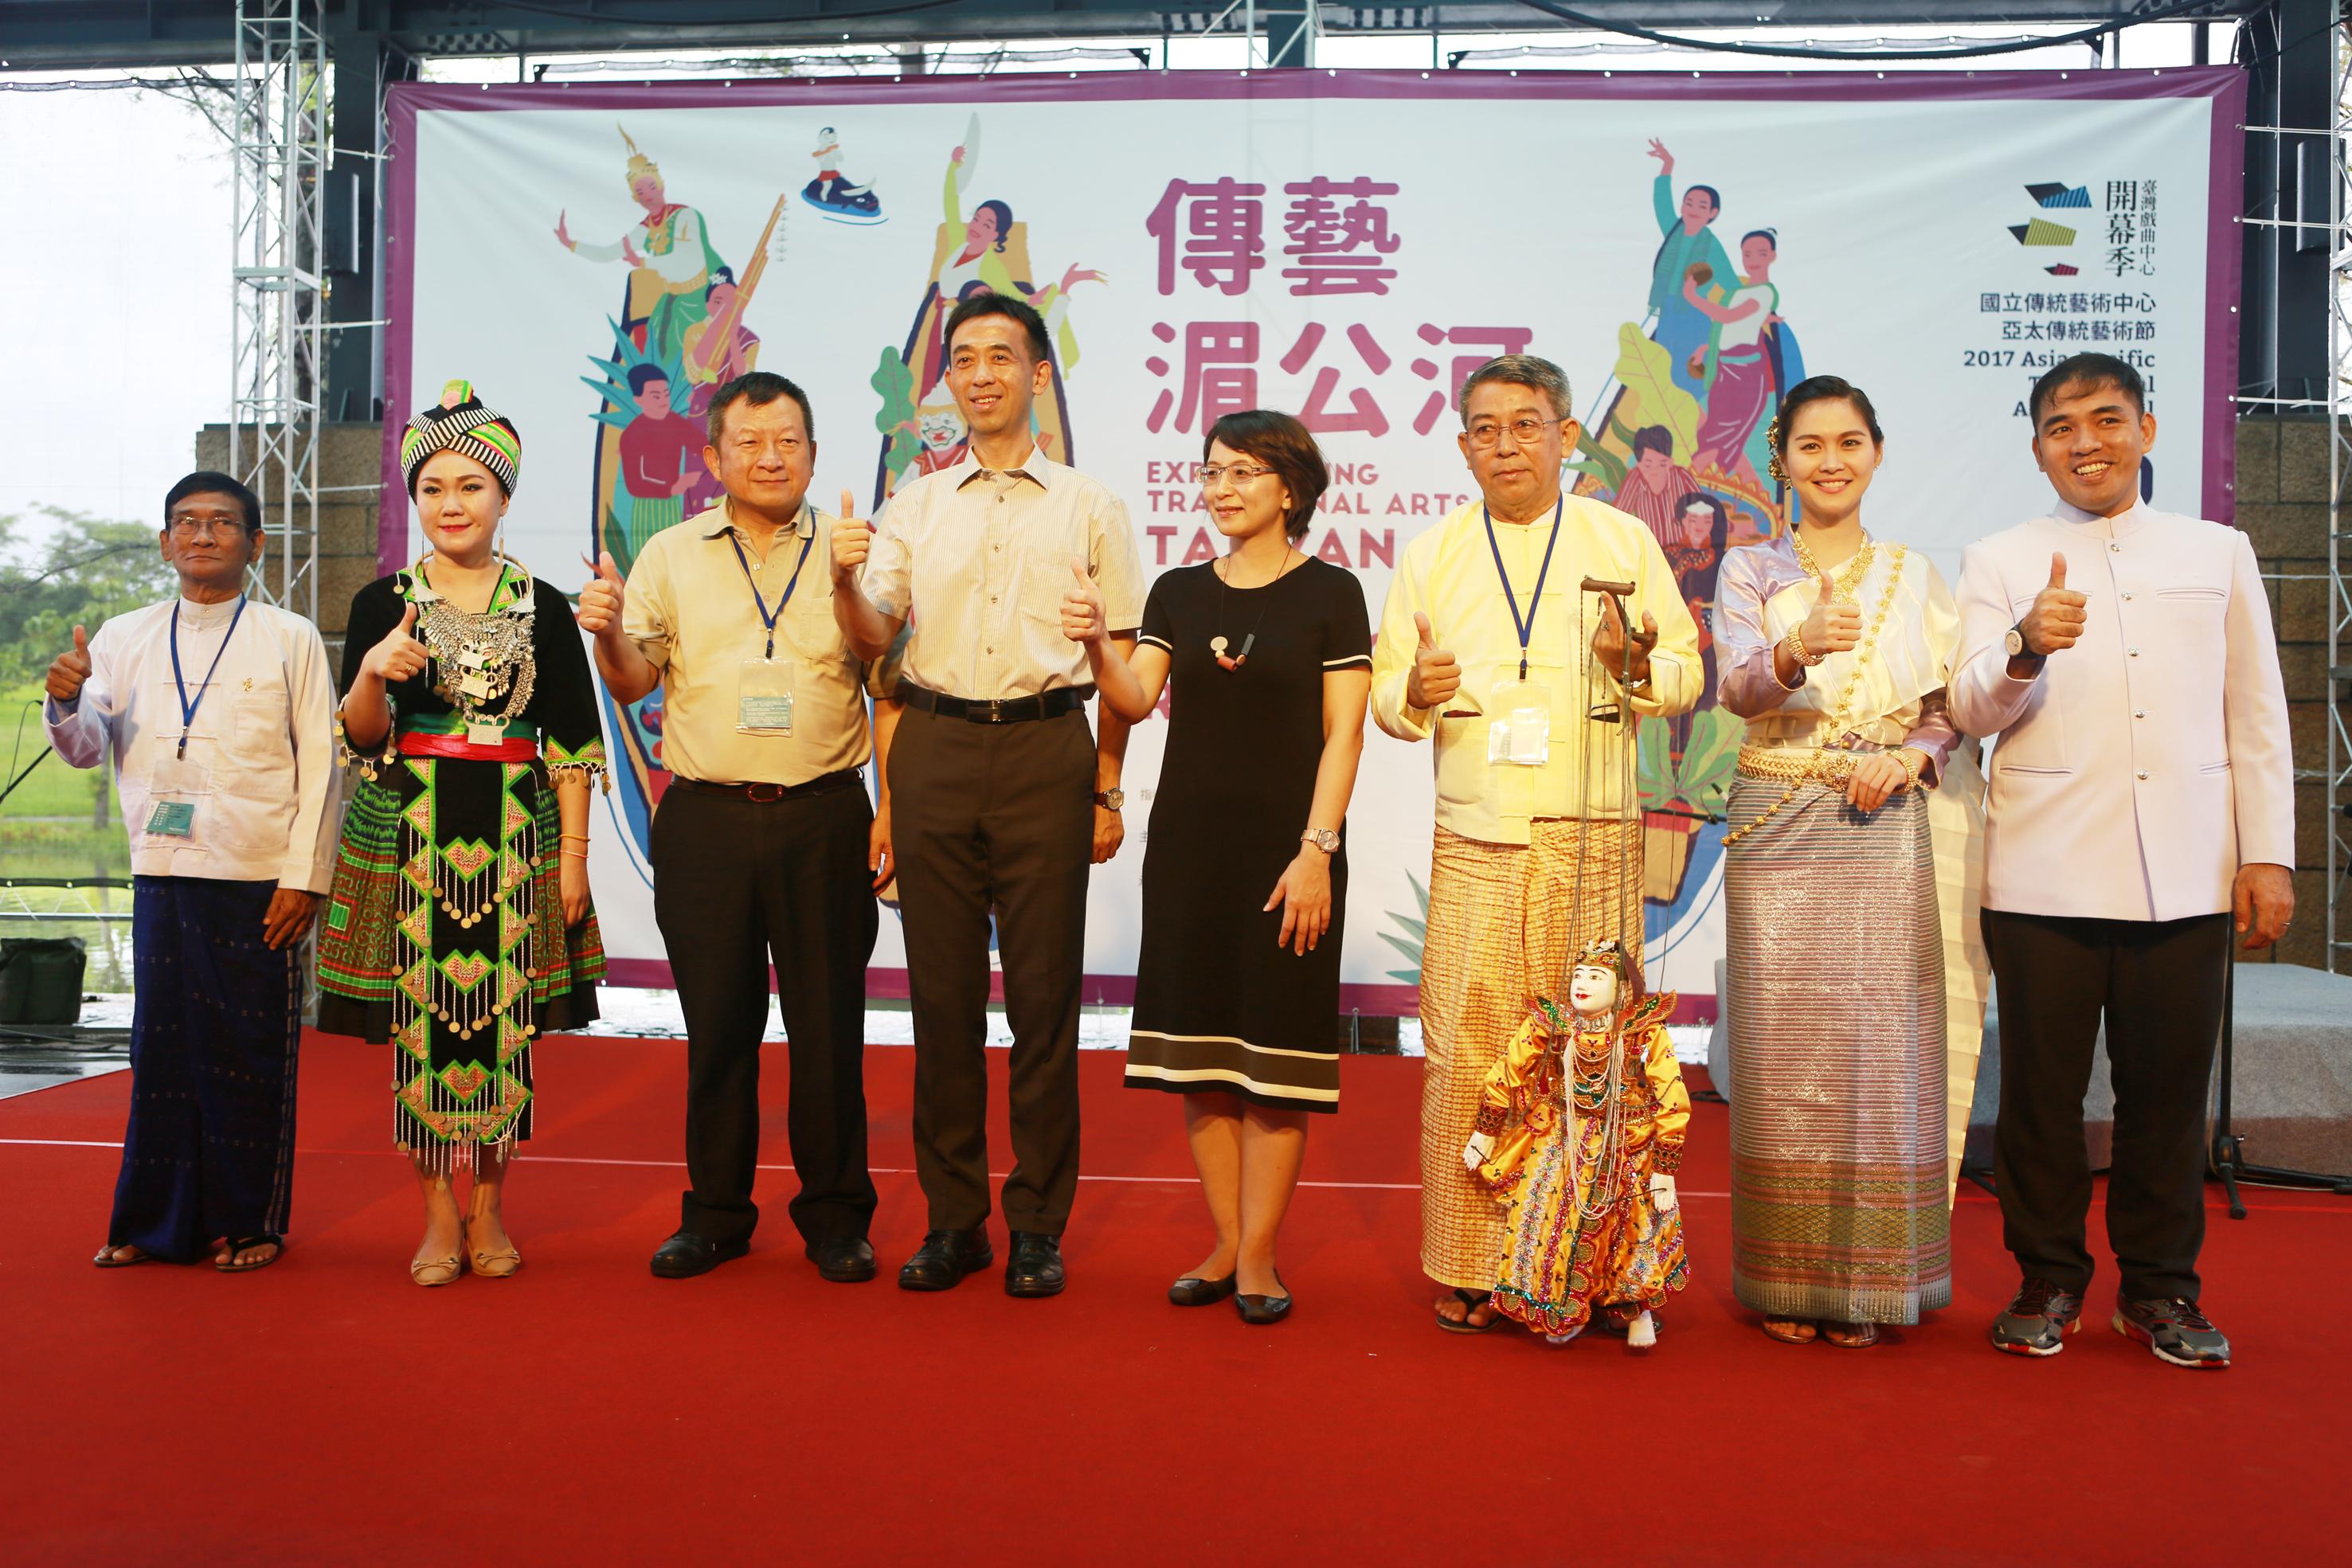 国立传统艺术中心王兰生副主任(左4)、善美的文化艺术基金会副执行长罗欣怡(右4)与寮国传统民俗音乐团代表、泰美好南风艺术团代表、缅甸南达木偶剧团代表。(曾汉东/大纪元)